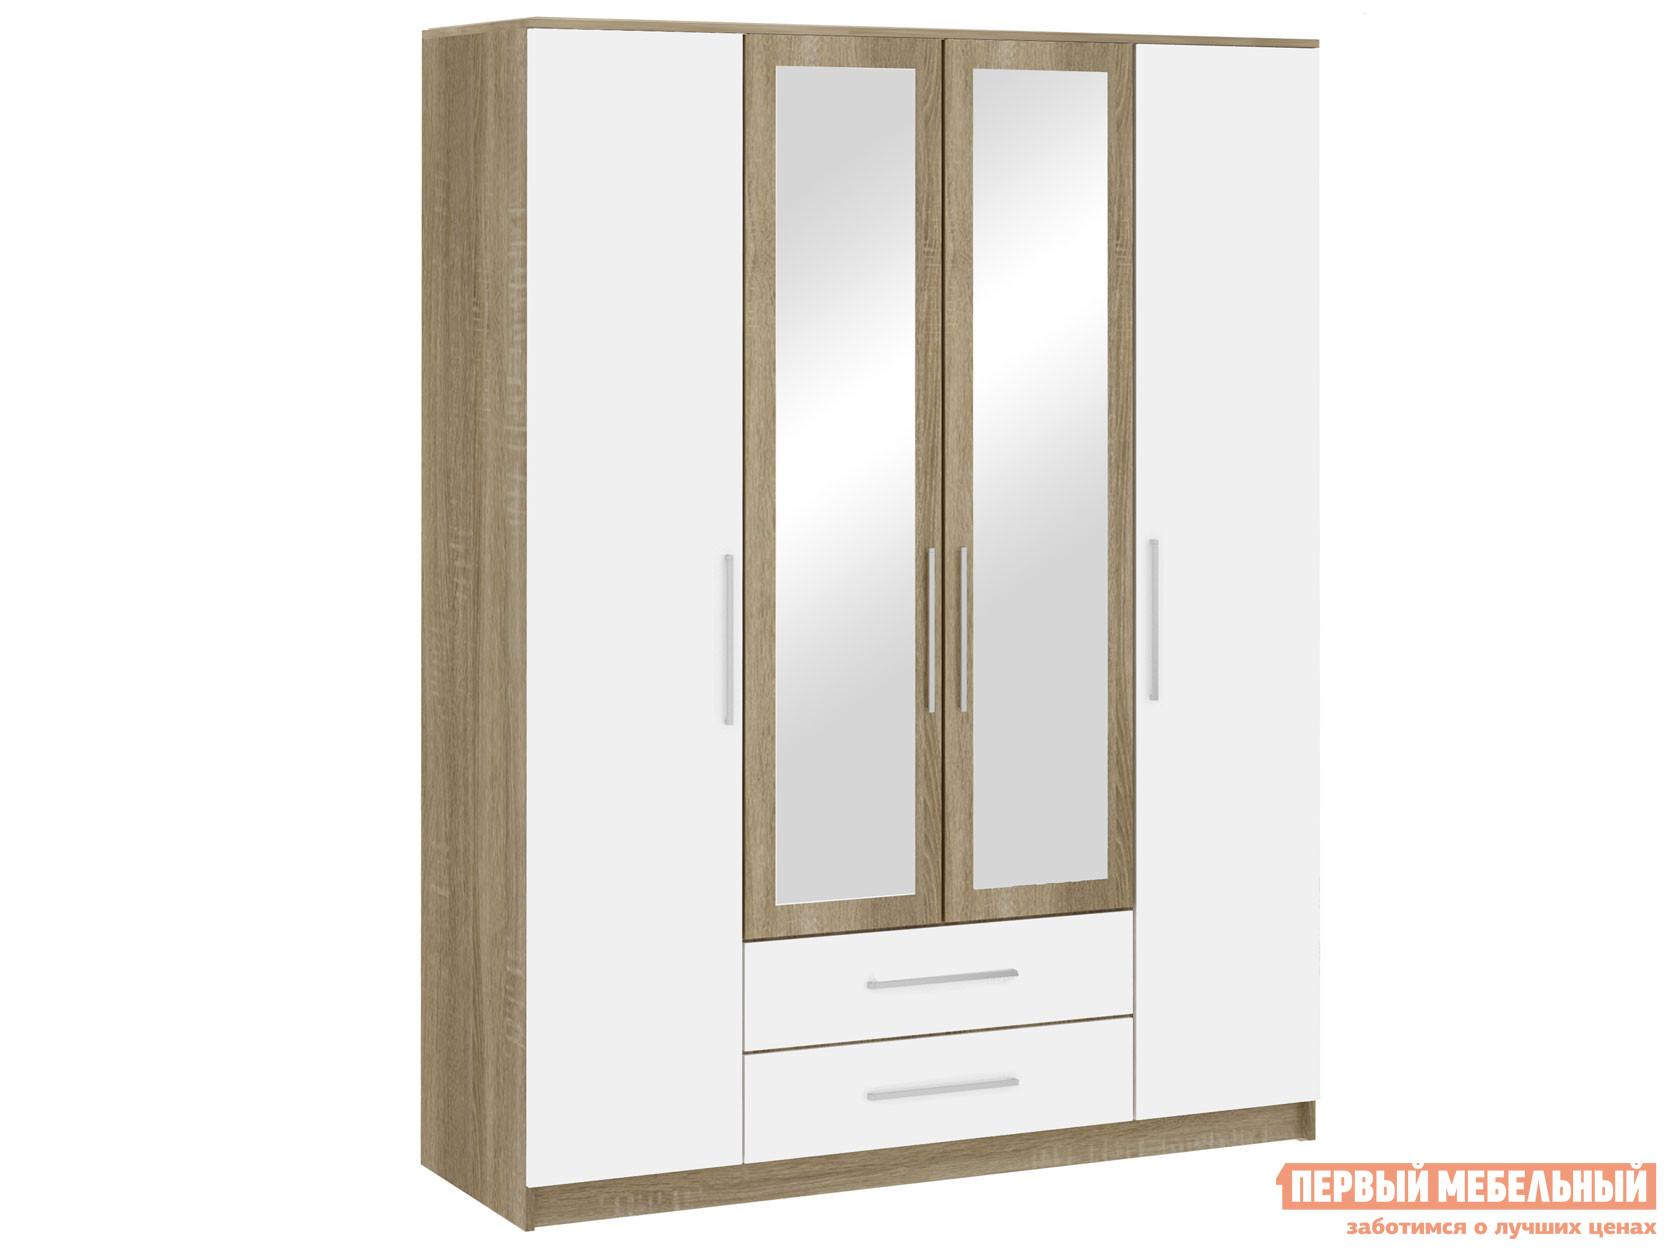 Шкаф распашной НК-Мебель Бланка шкаф 4-х дверный 72250076 шкаф распашной нк мебель прага шкаф 4 х дверный 72030103